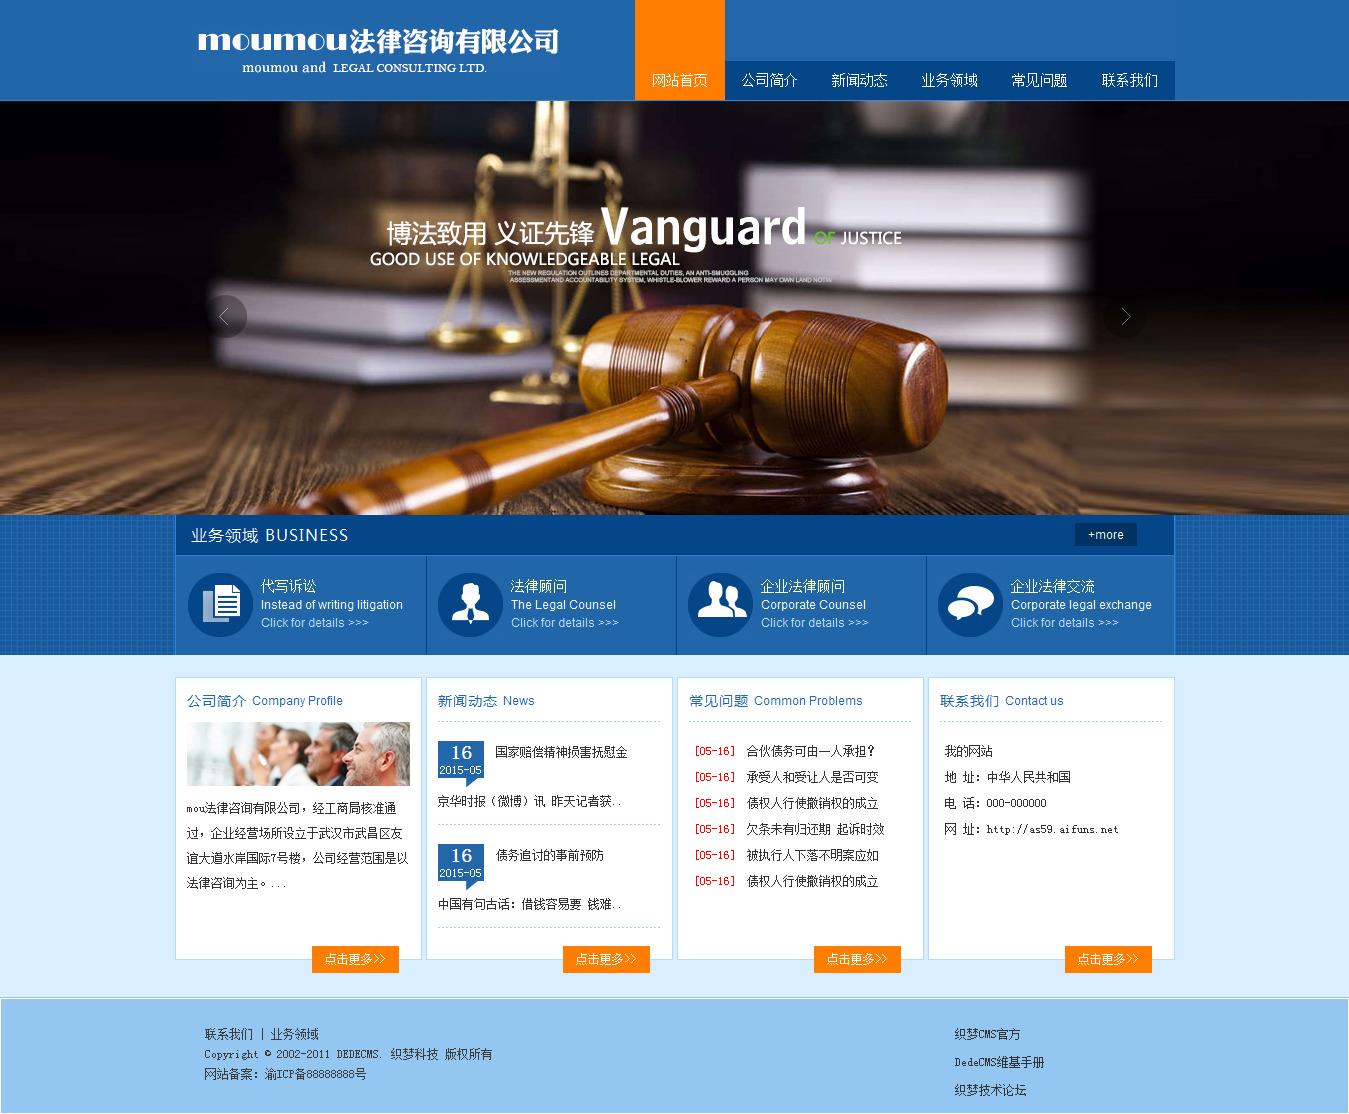 某法律咨询有限公司网站2律师网站建设,律师网络营销,律师微网站,律师微名片,律师微信网站建设,律师营销网站建设,律师营销